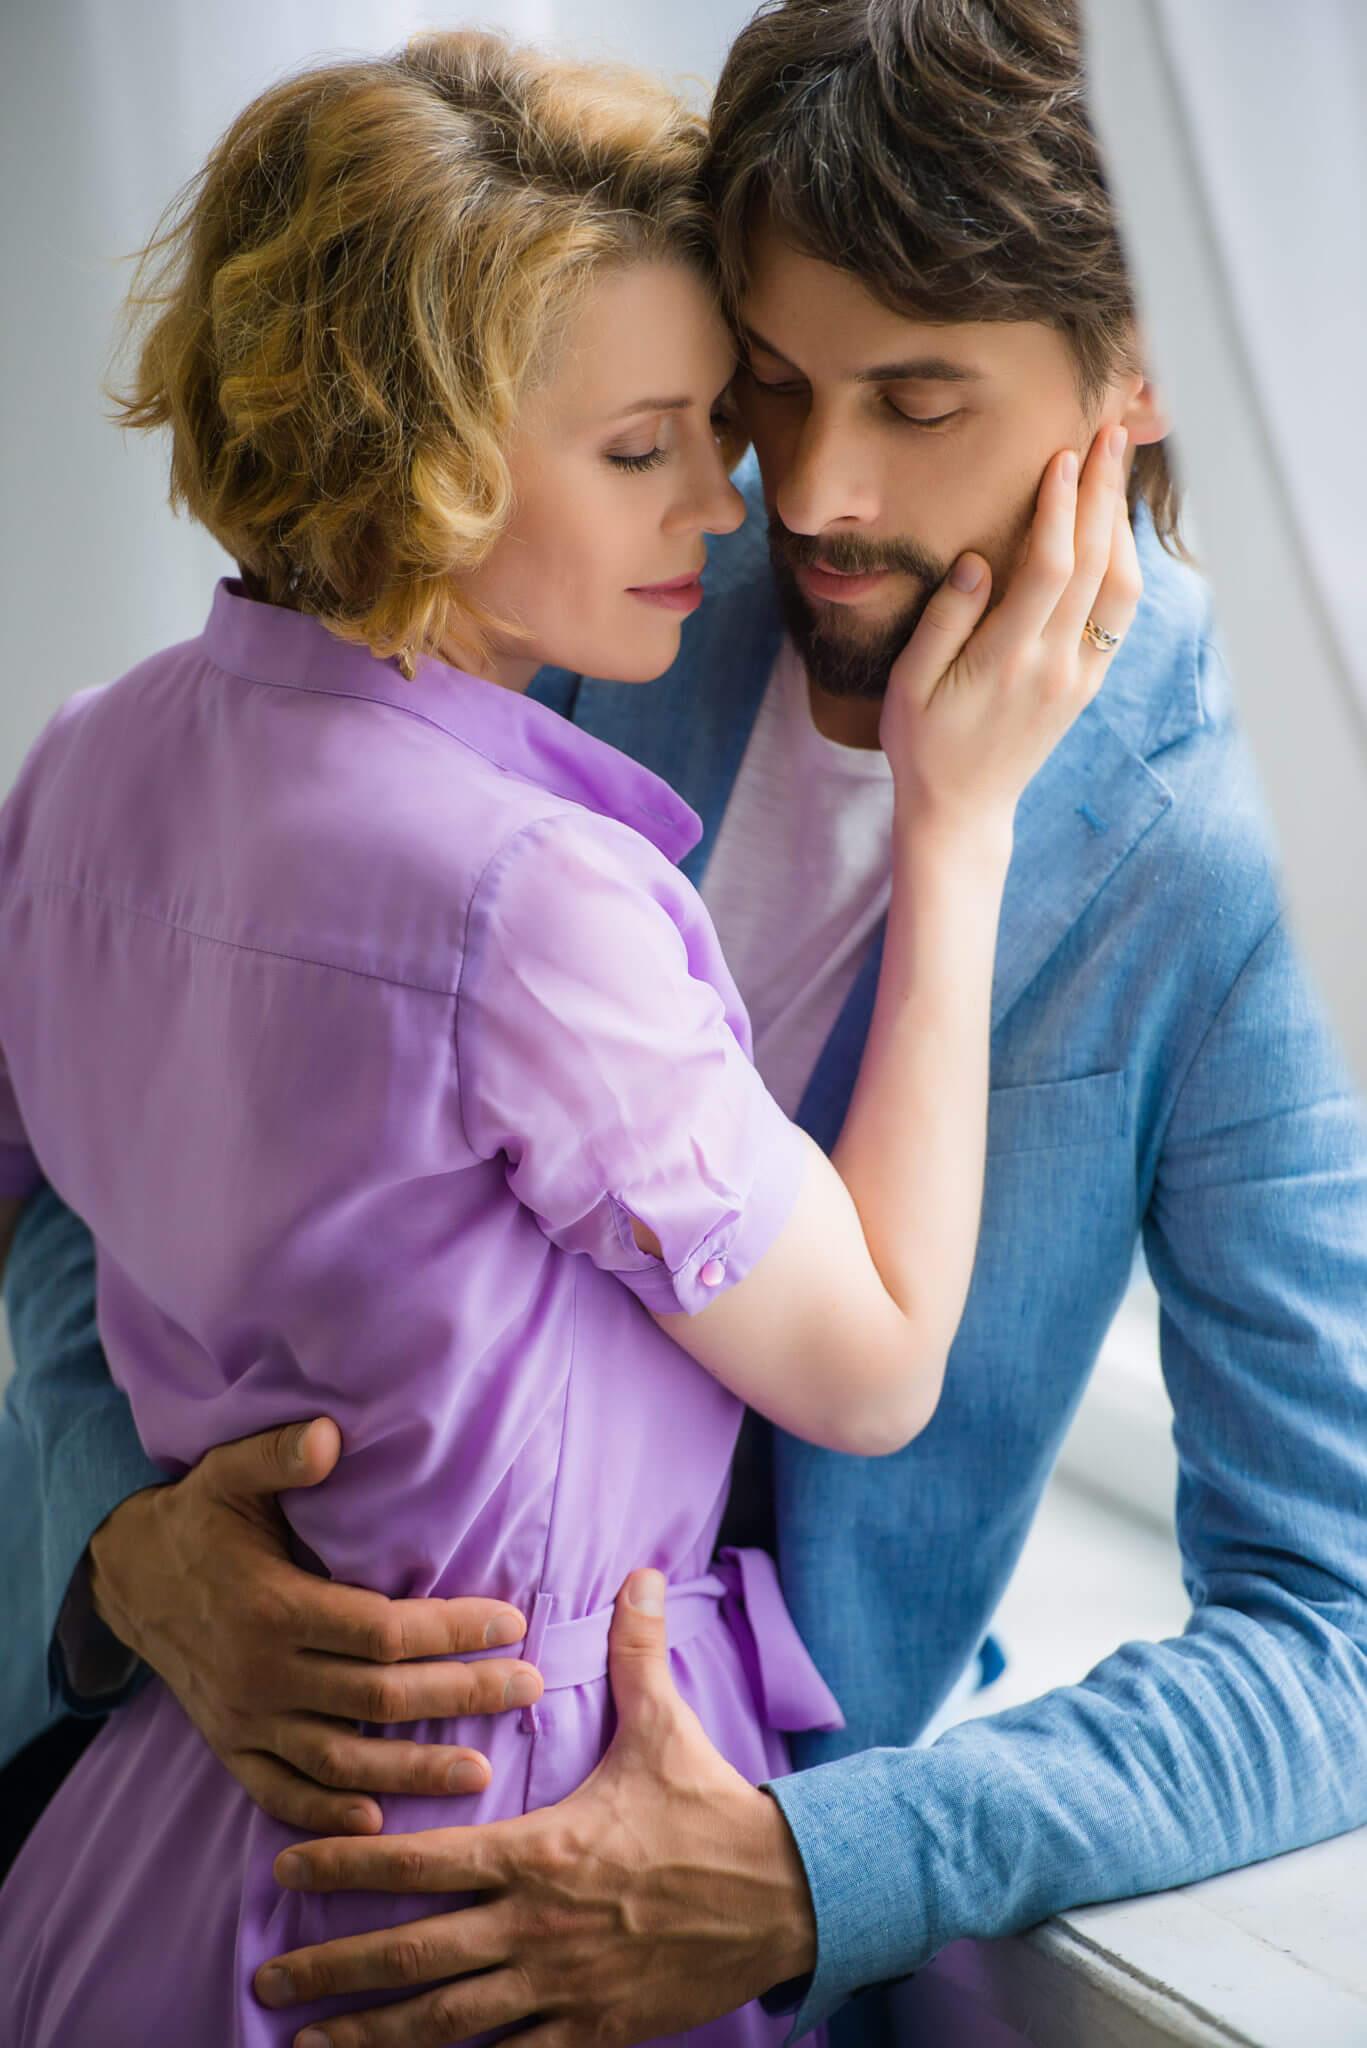 Фотосессия Love Story в студии, пара у окна